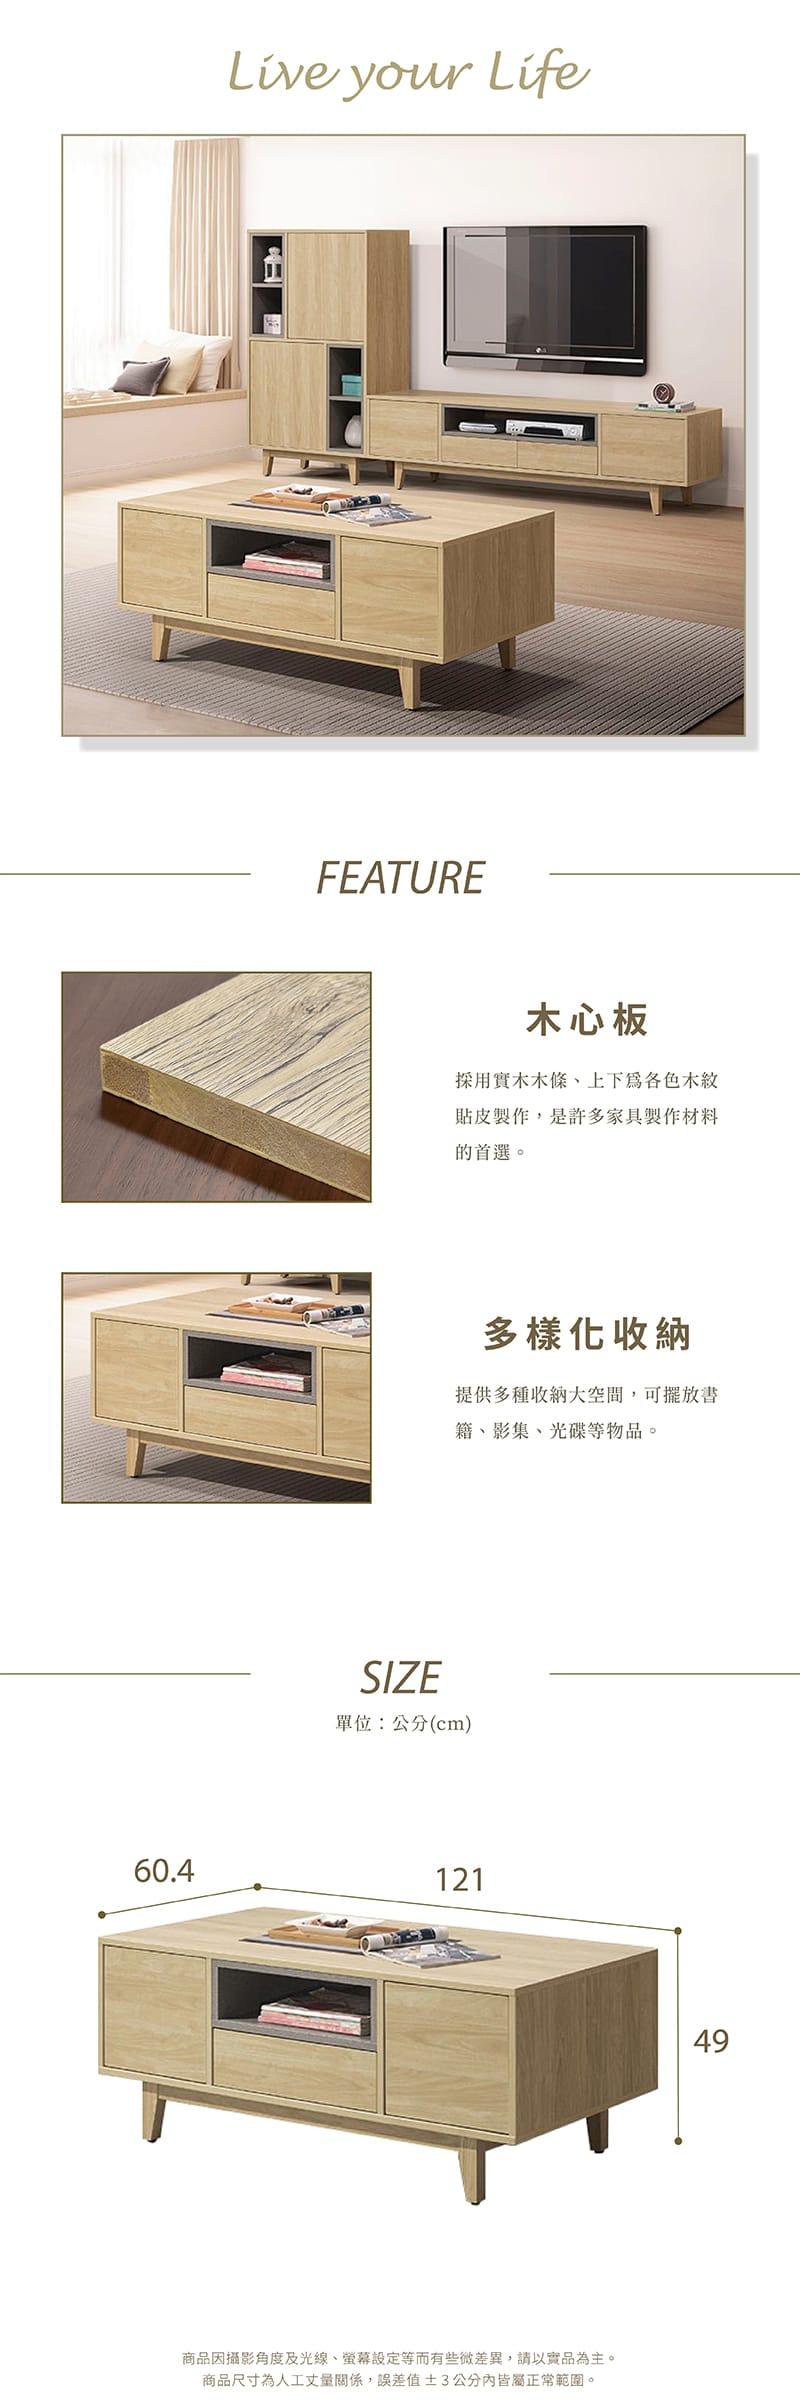 沐夏 北歐風收納茶几 寬121cm(客廳桌系列)